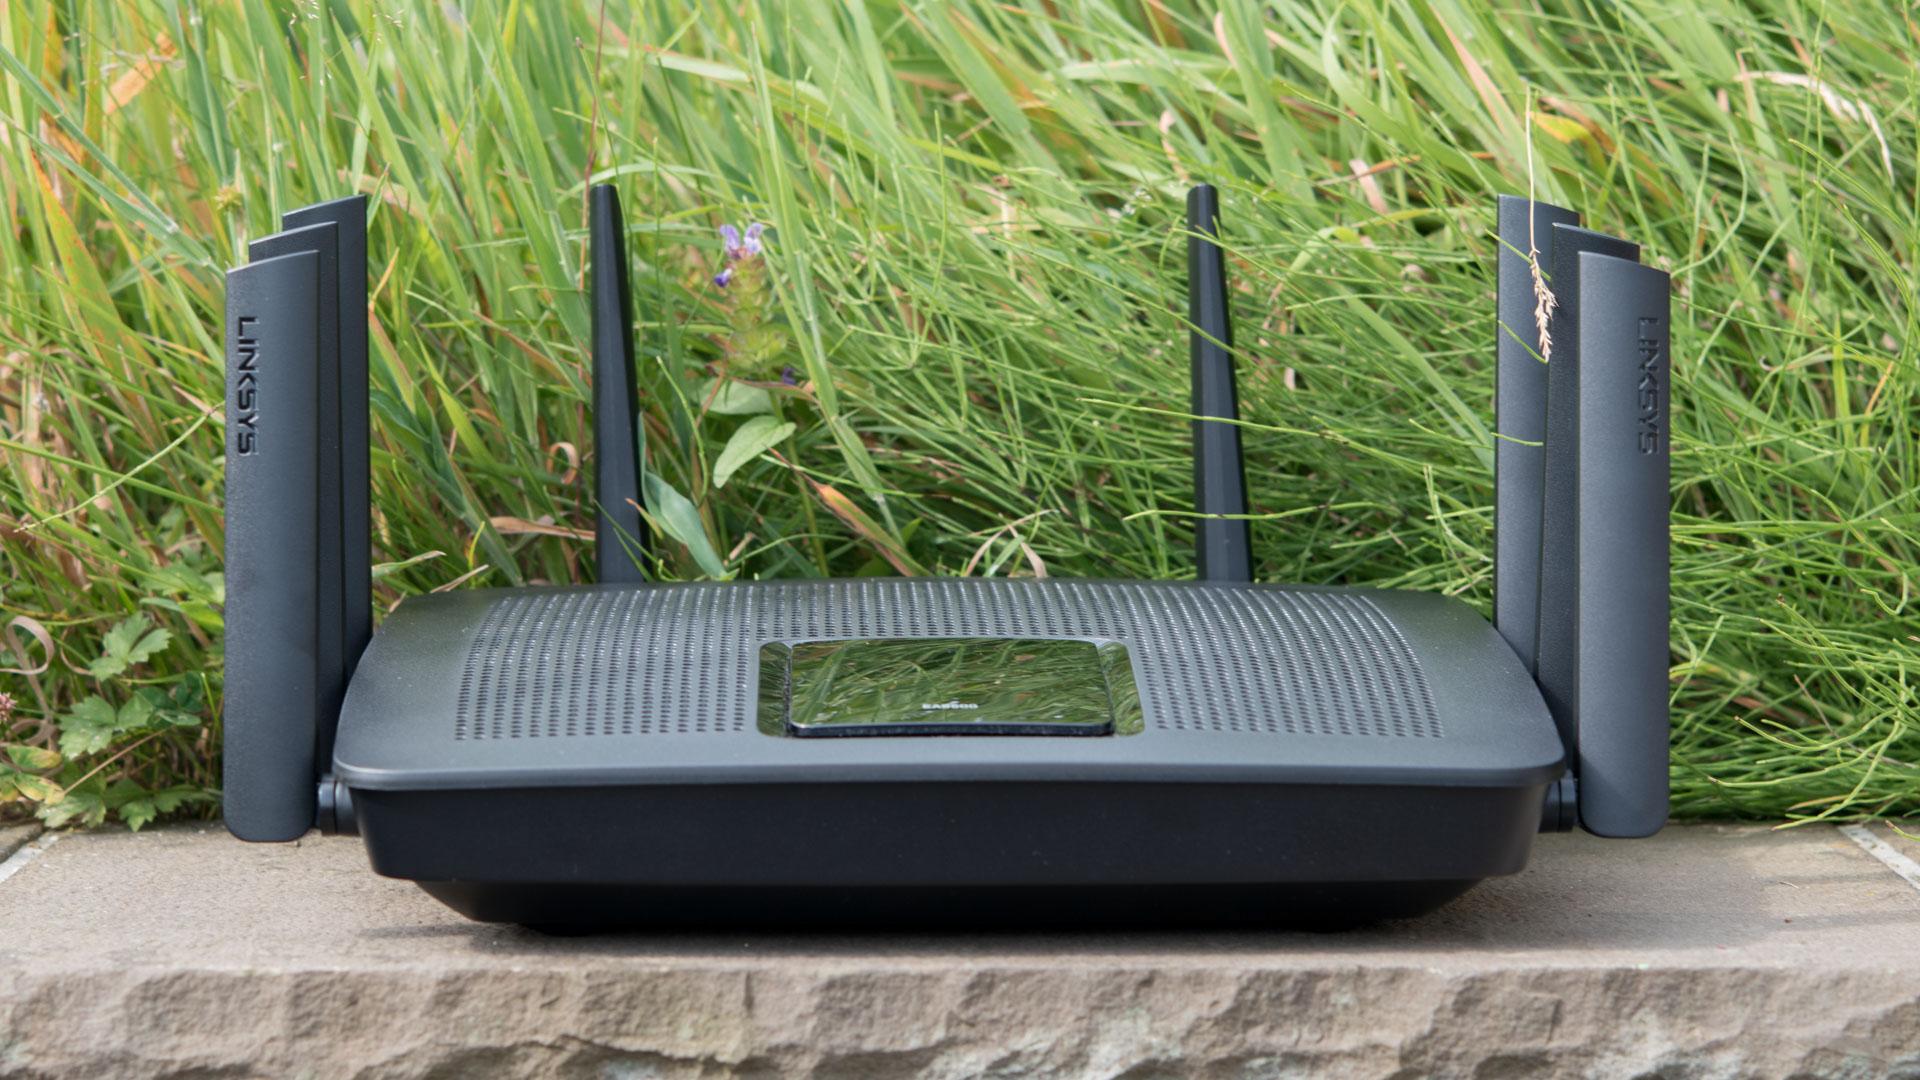 Der Monster WLAN Router von Linksys, der Linksys EA9500 im